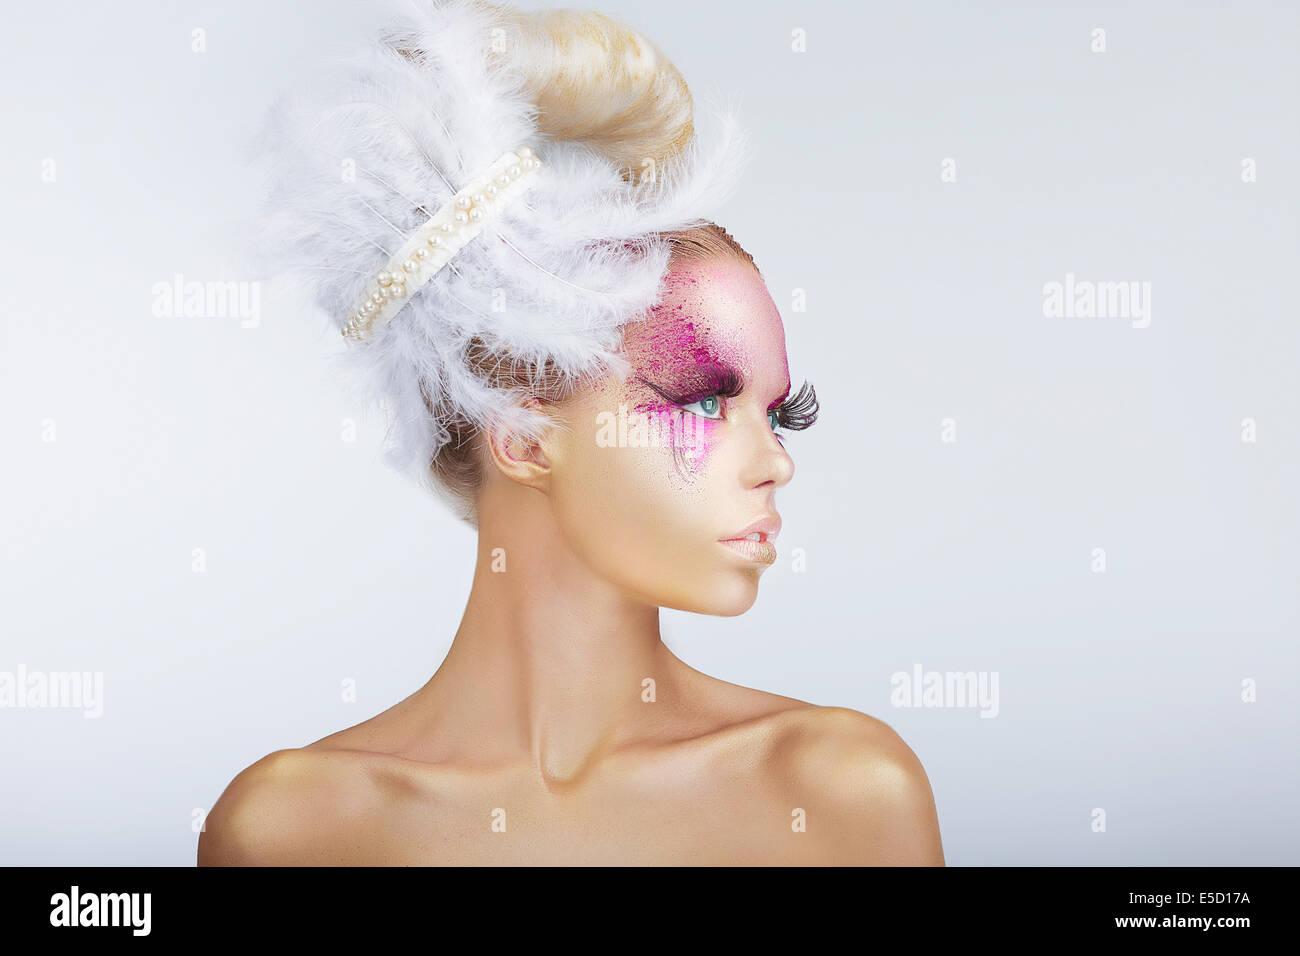 Kreativität. Glamouröse Mode-Modell mit ausgefallenen Frisur mit Federn Stockbild